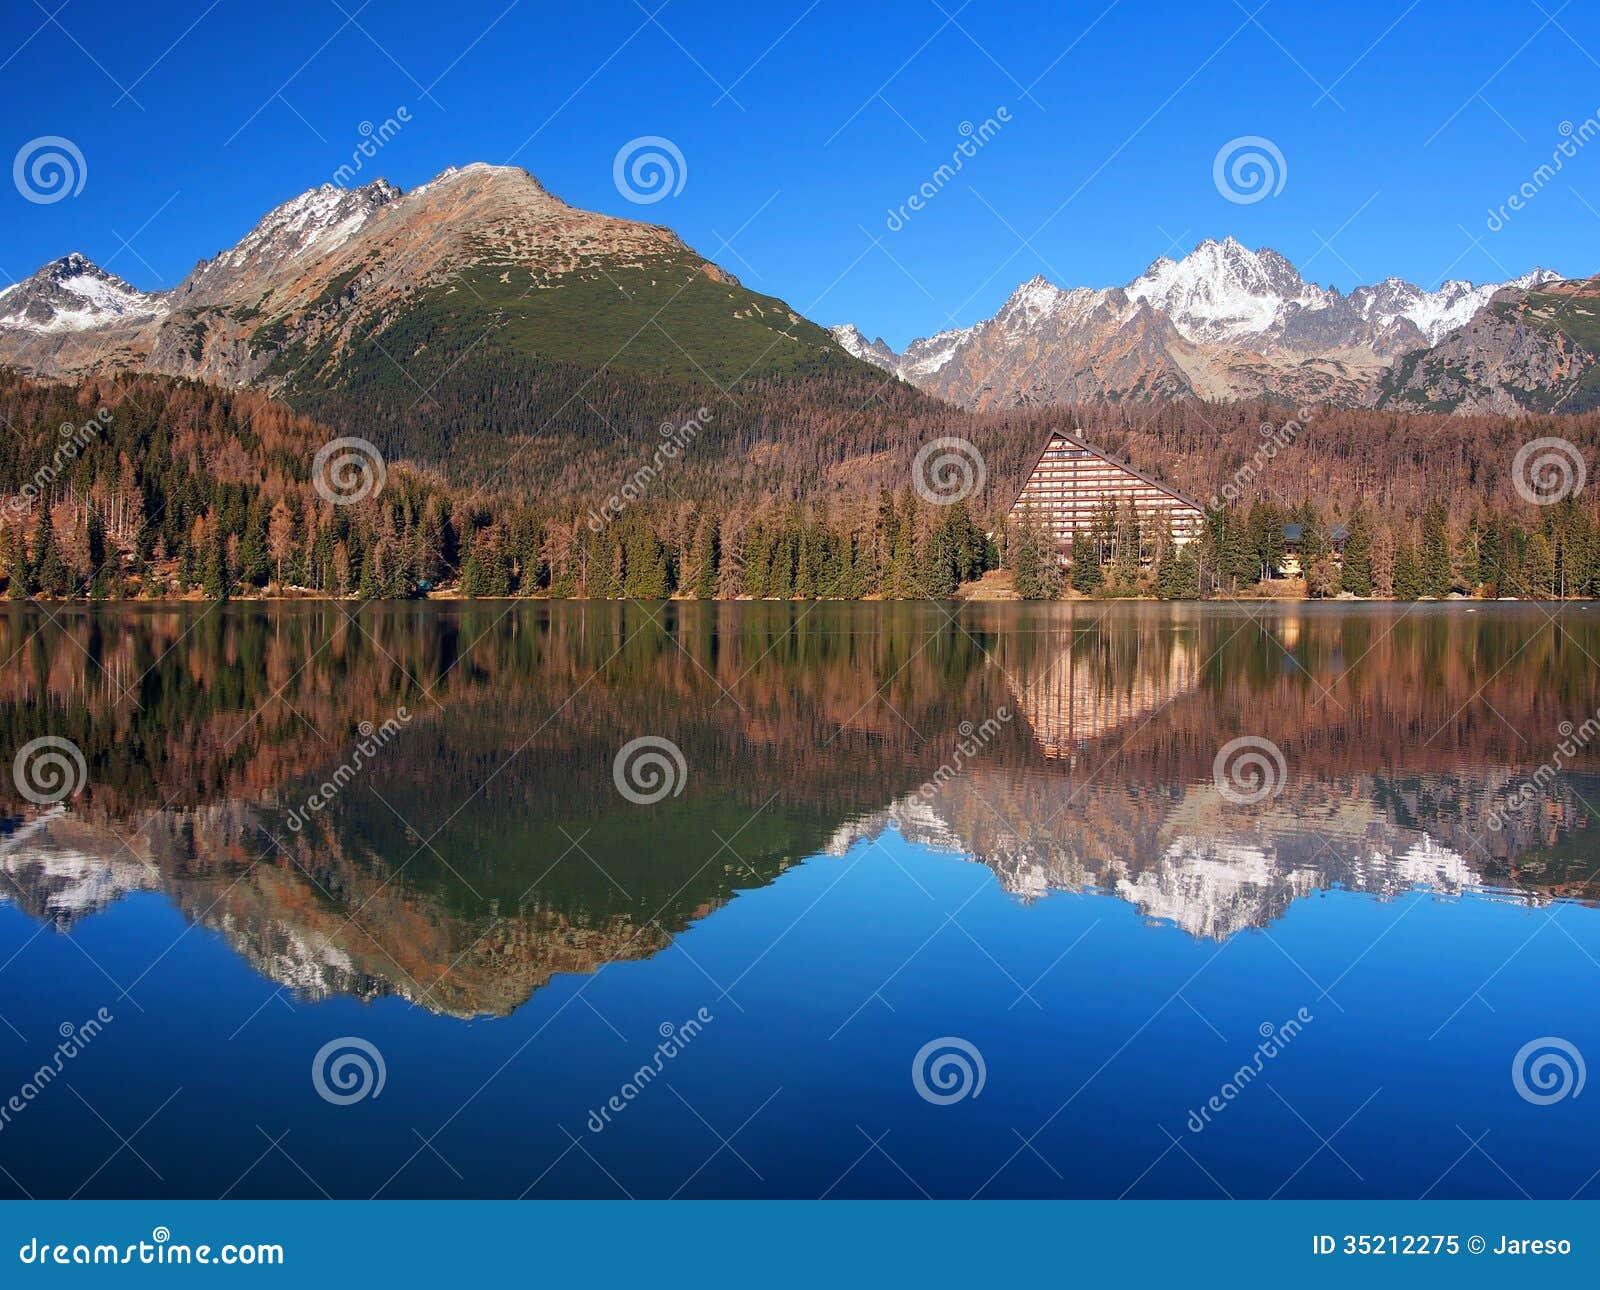 High Tatras reflected in Strbske Pleso